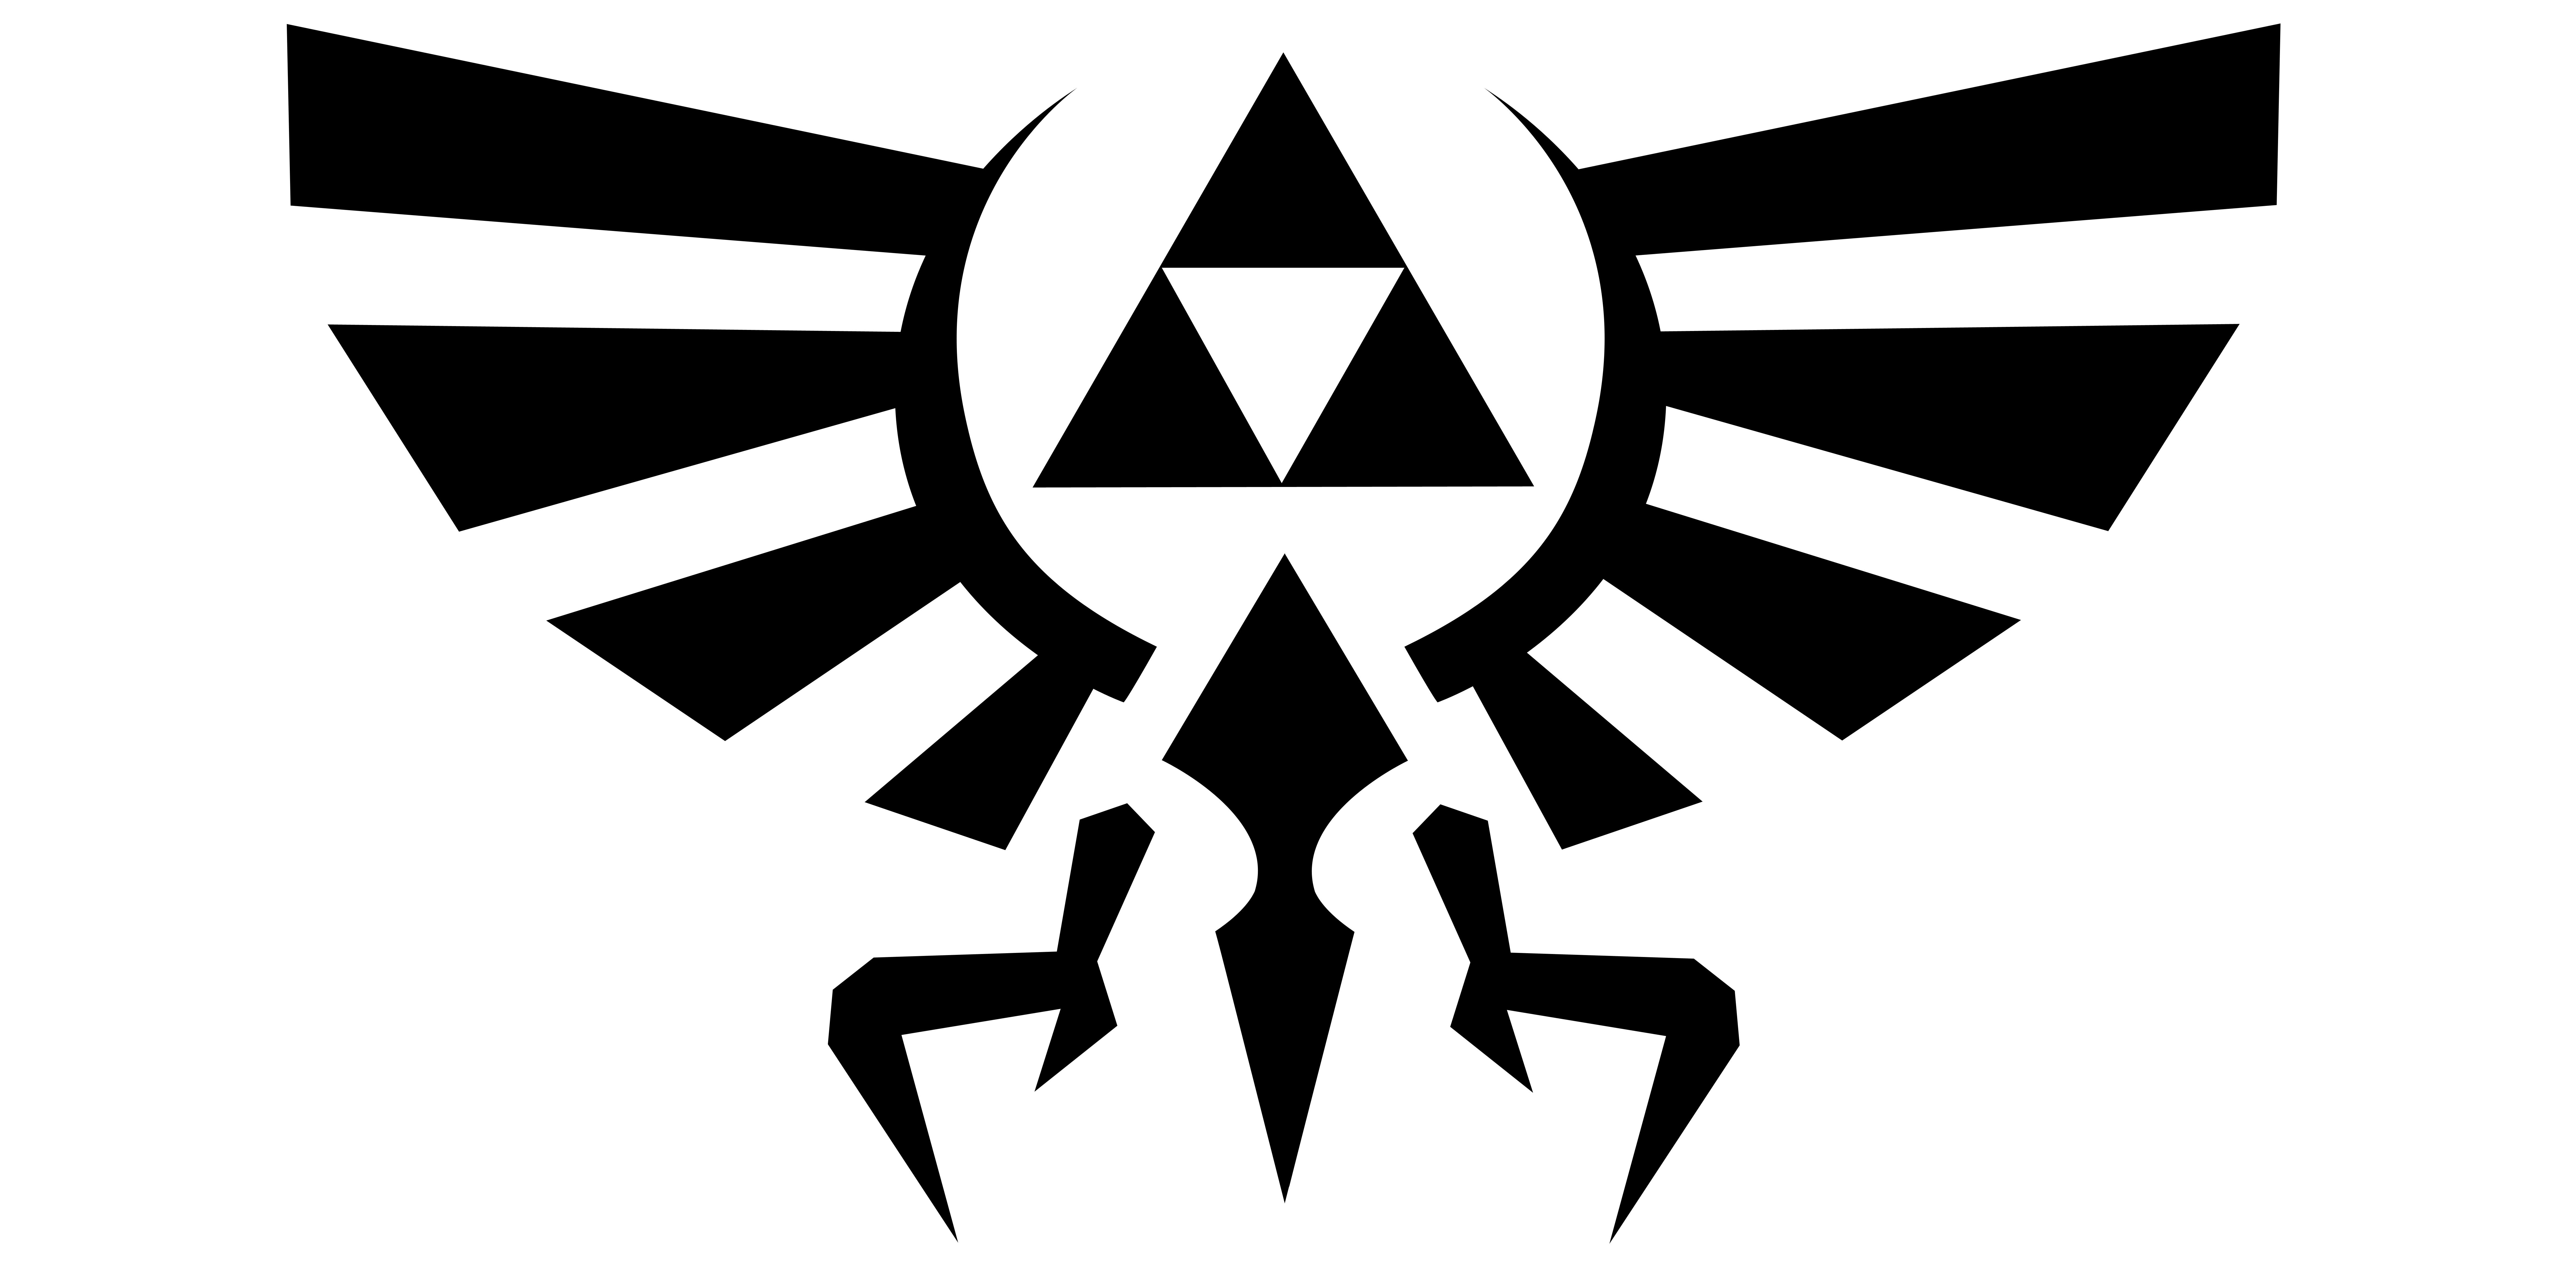 Zelda skyward sword fanart by shelleyx on DeviantArt